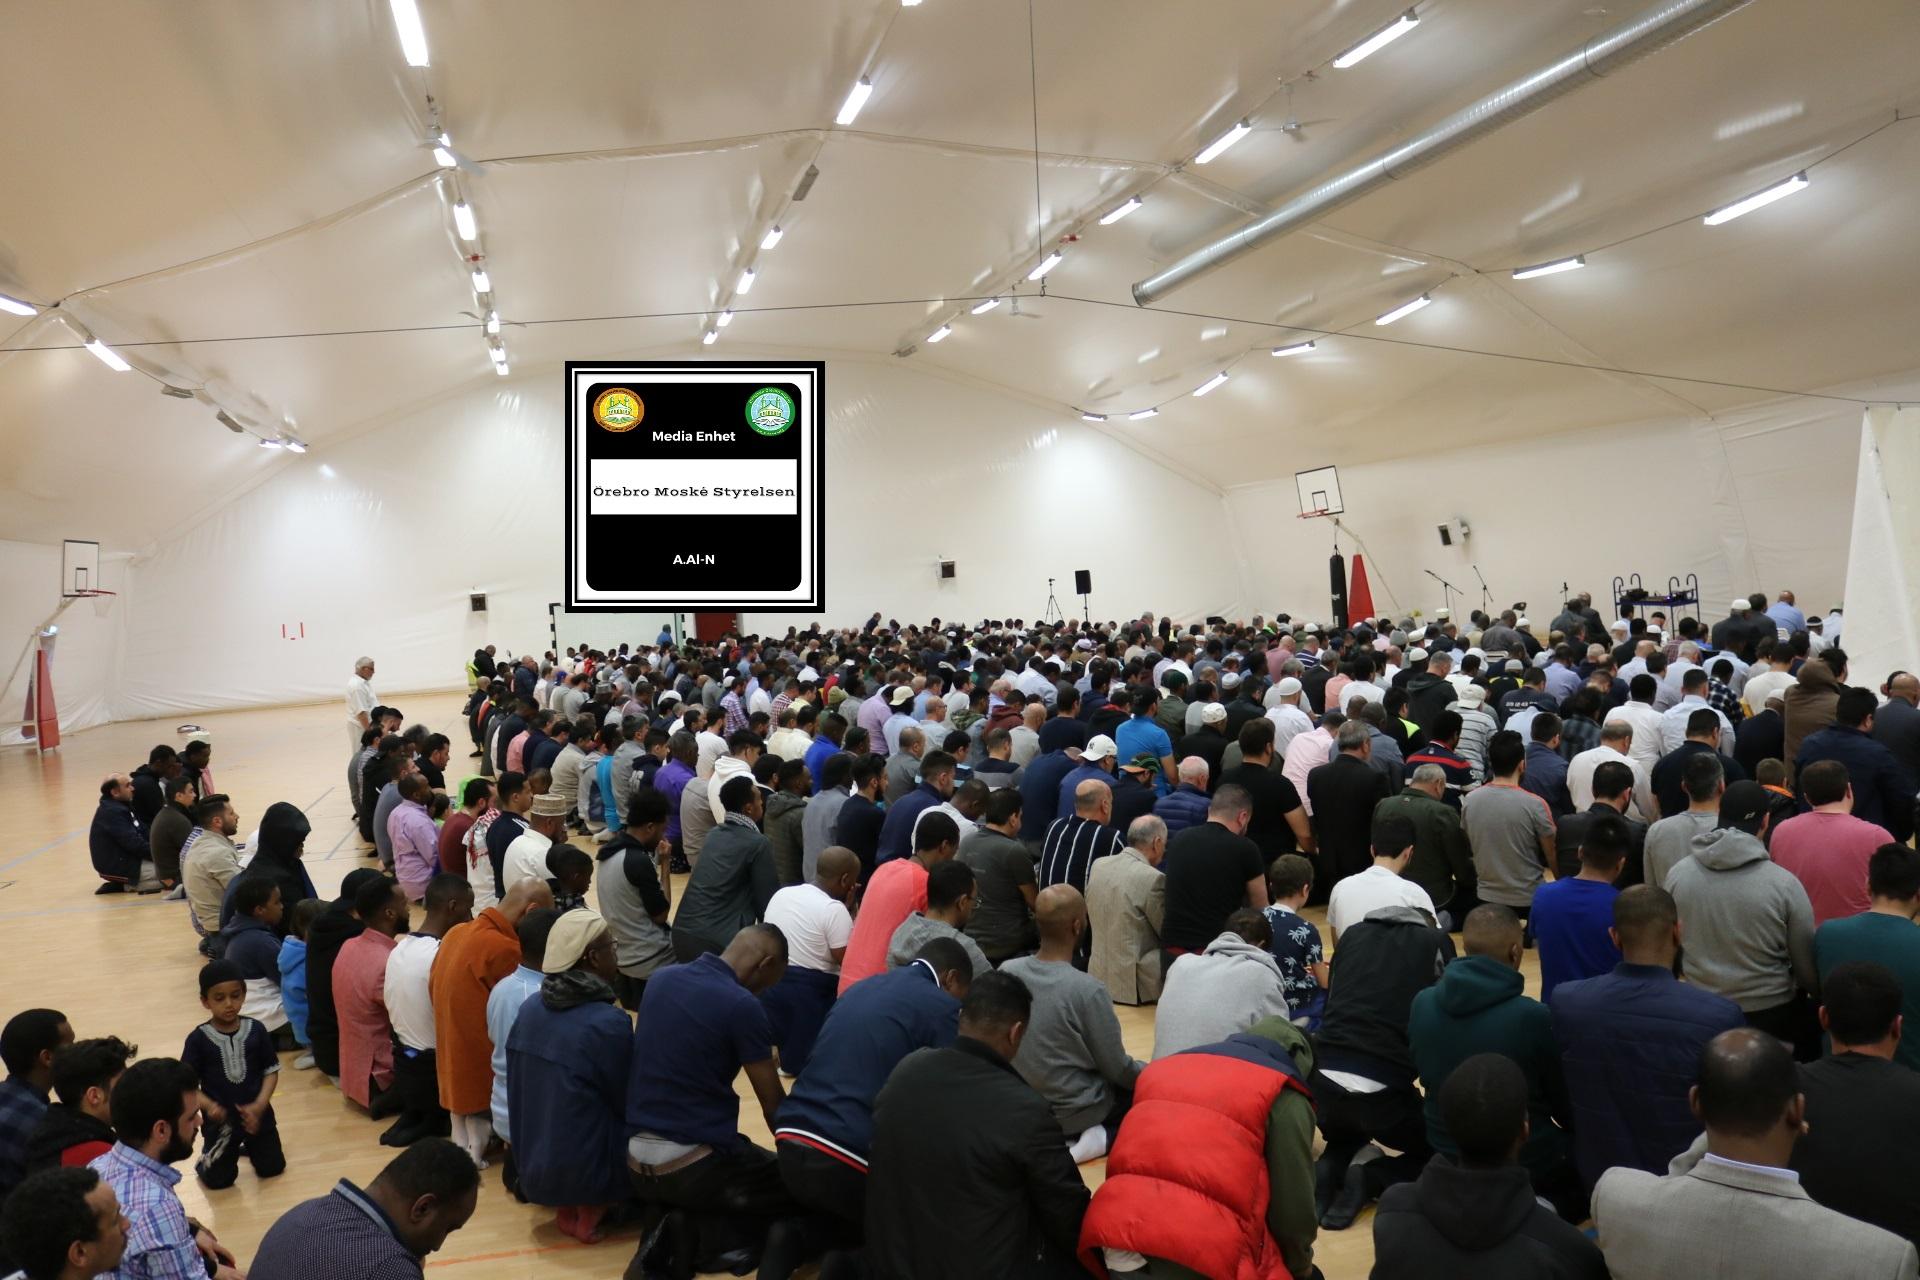 هدى النبي في حل النزاعات 2019-04-26 *************************** Shikh Abu Husam Hariri *************************** Friday Bön - Friday Prayers صلاة الجمعة *************************** FILMED ON LOCATION *************************** Ballonghallen i Örebro